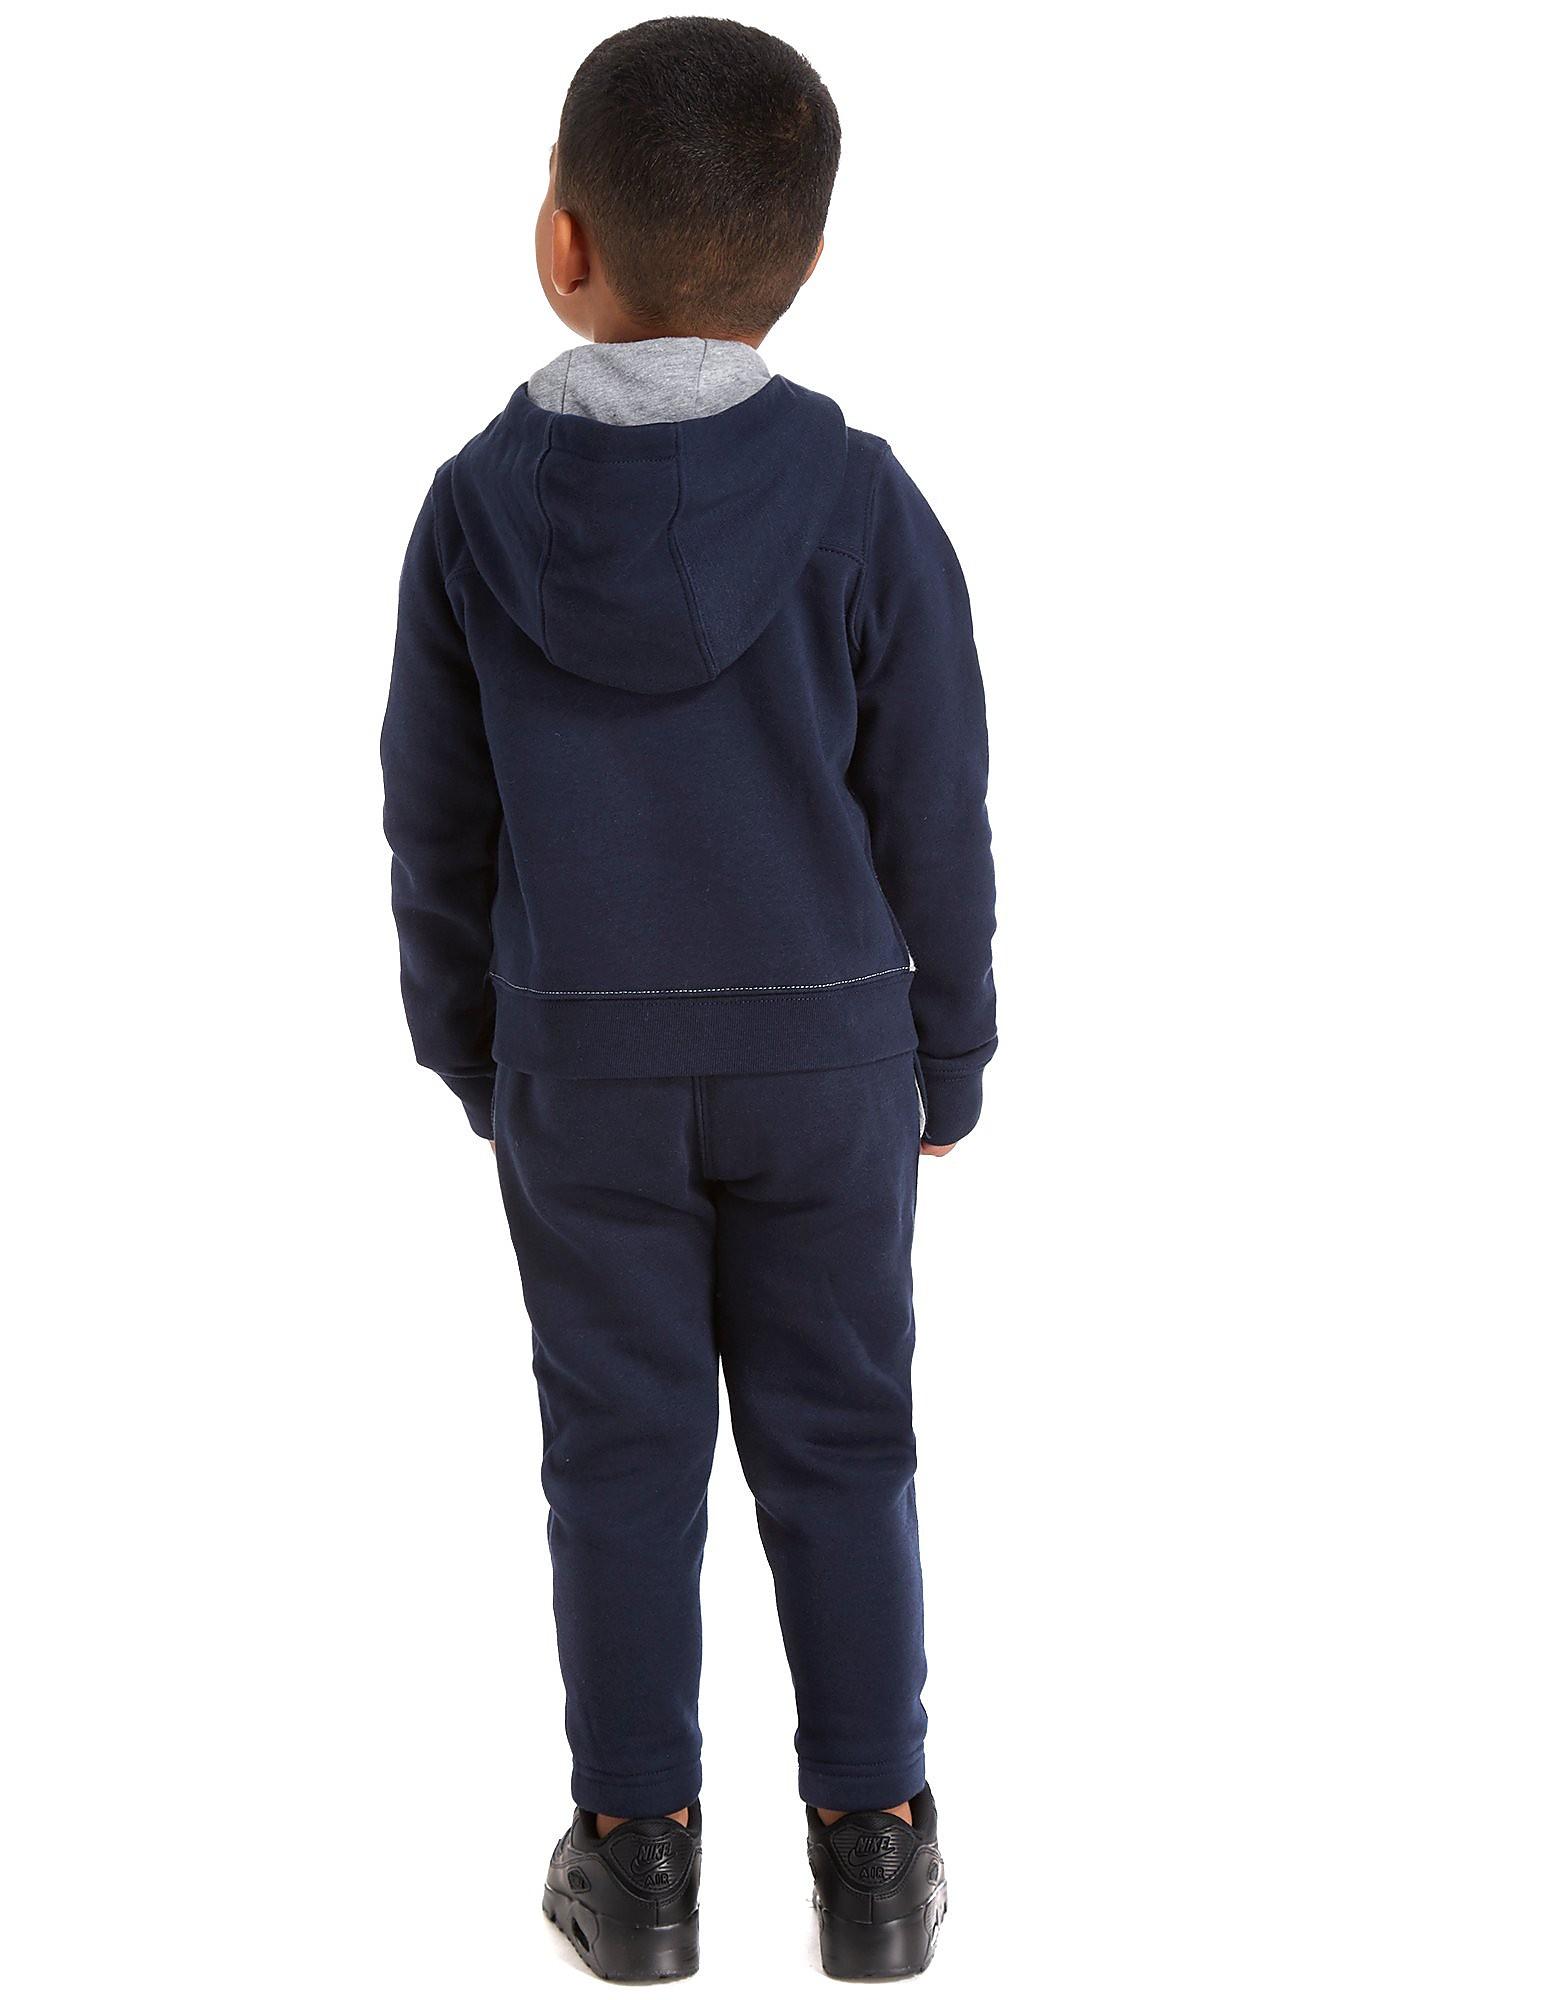 Nike Franchise Colour Block Suit Infant